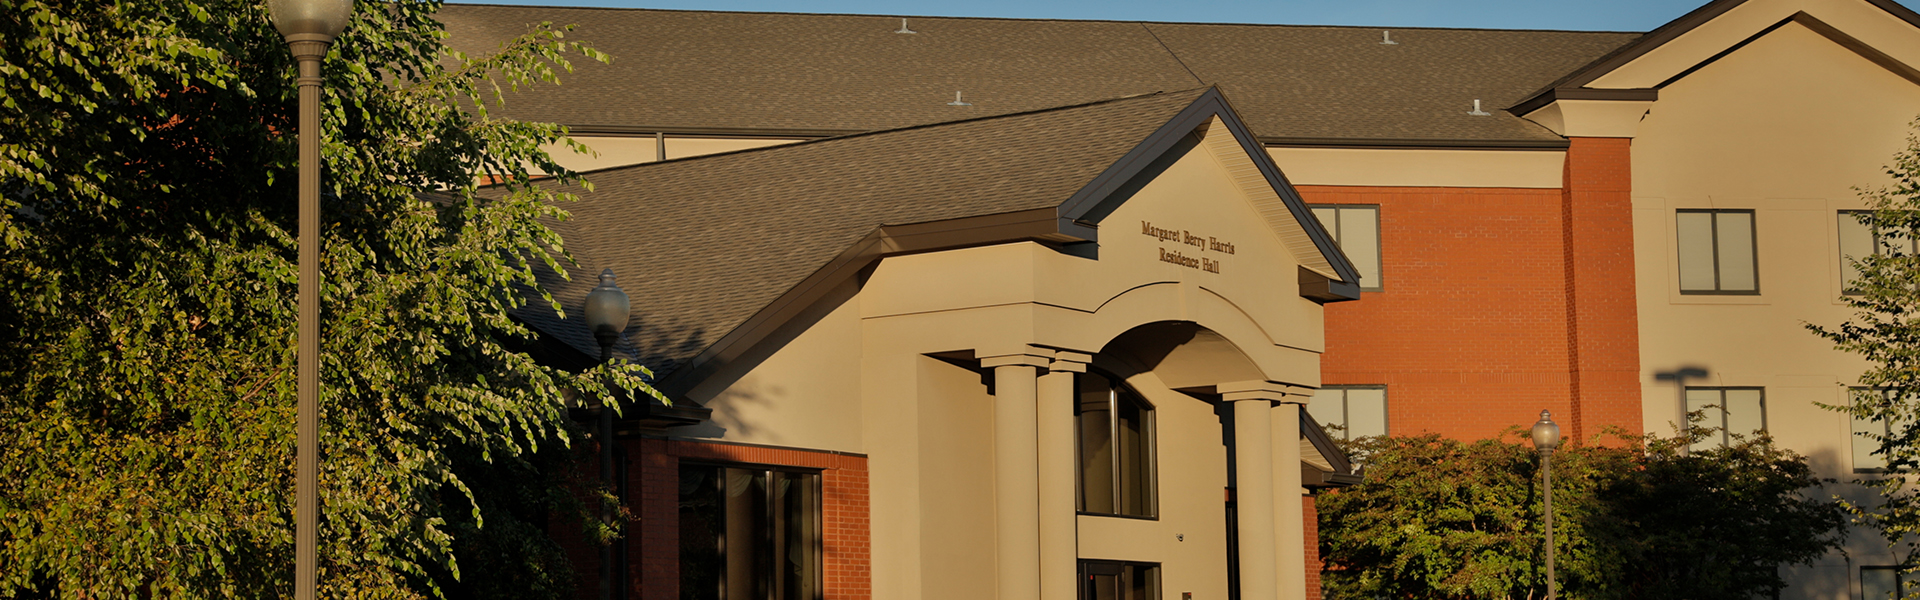 Margret Harris Residence Hall